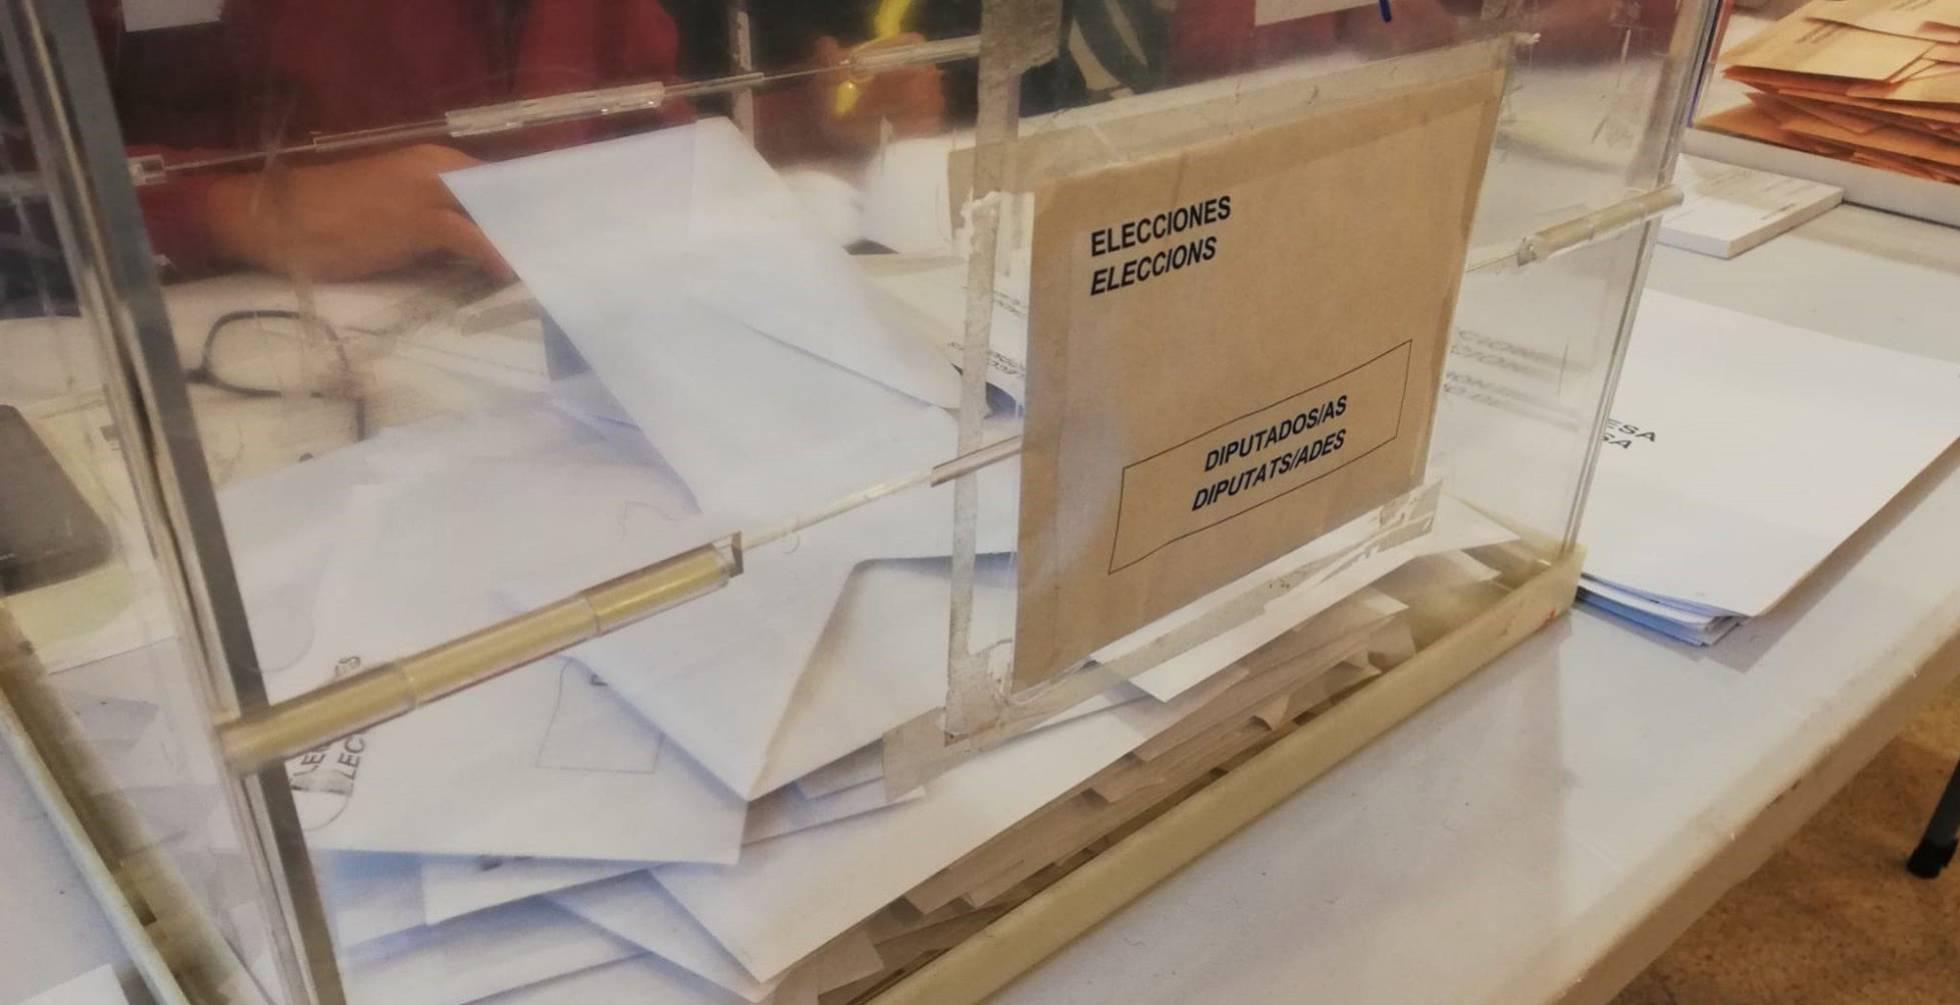 El Notariado ofrece habilitar un sistema para otorgar poderes electorales de forma 'online'